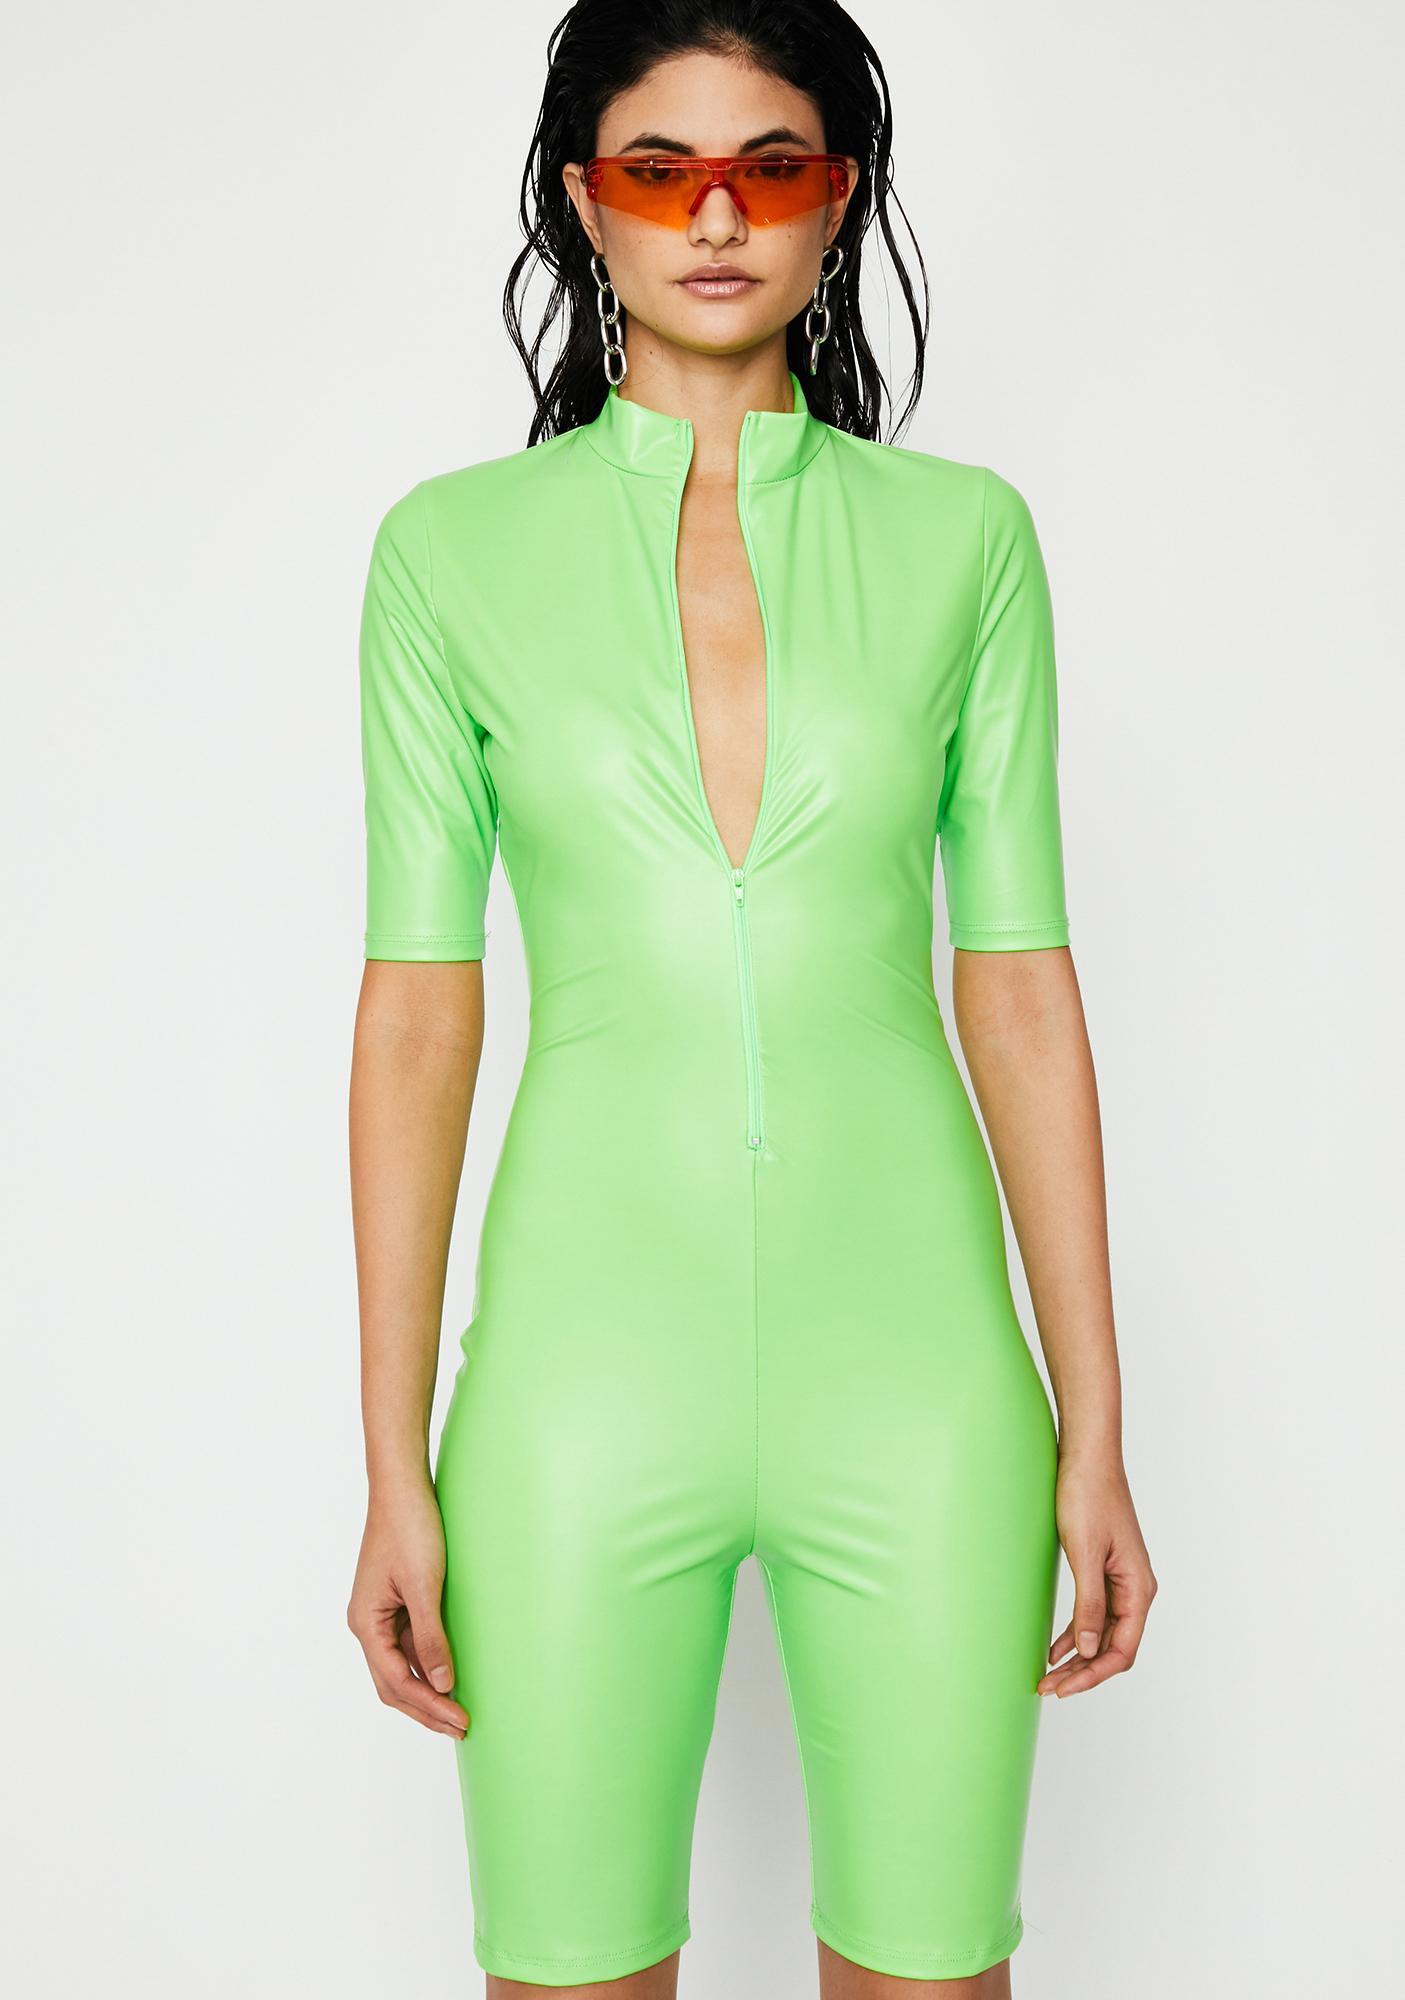 6c8a40daa01e Nuclear Fashion Obsession Coated Romper